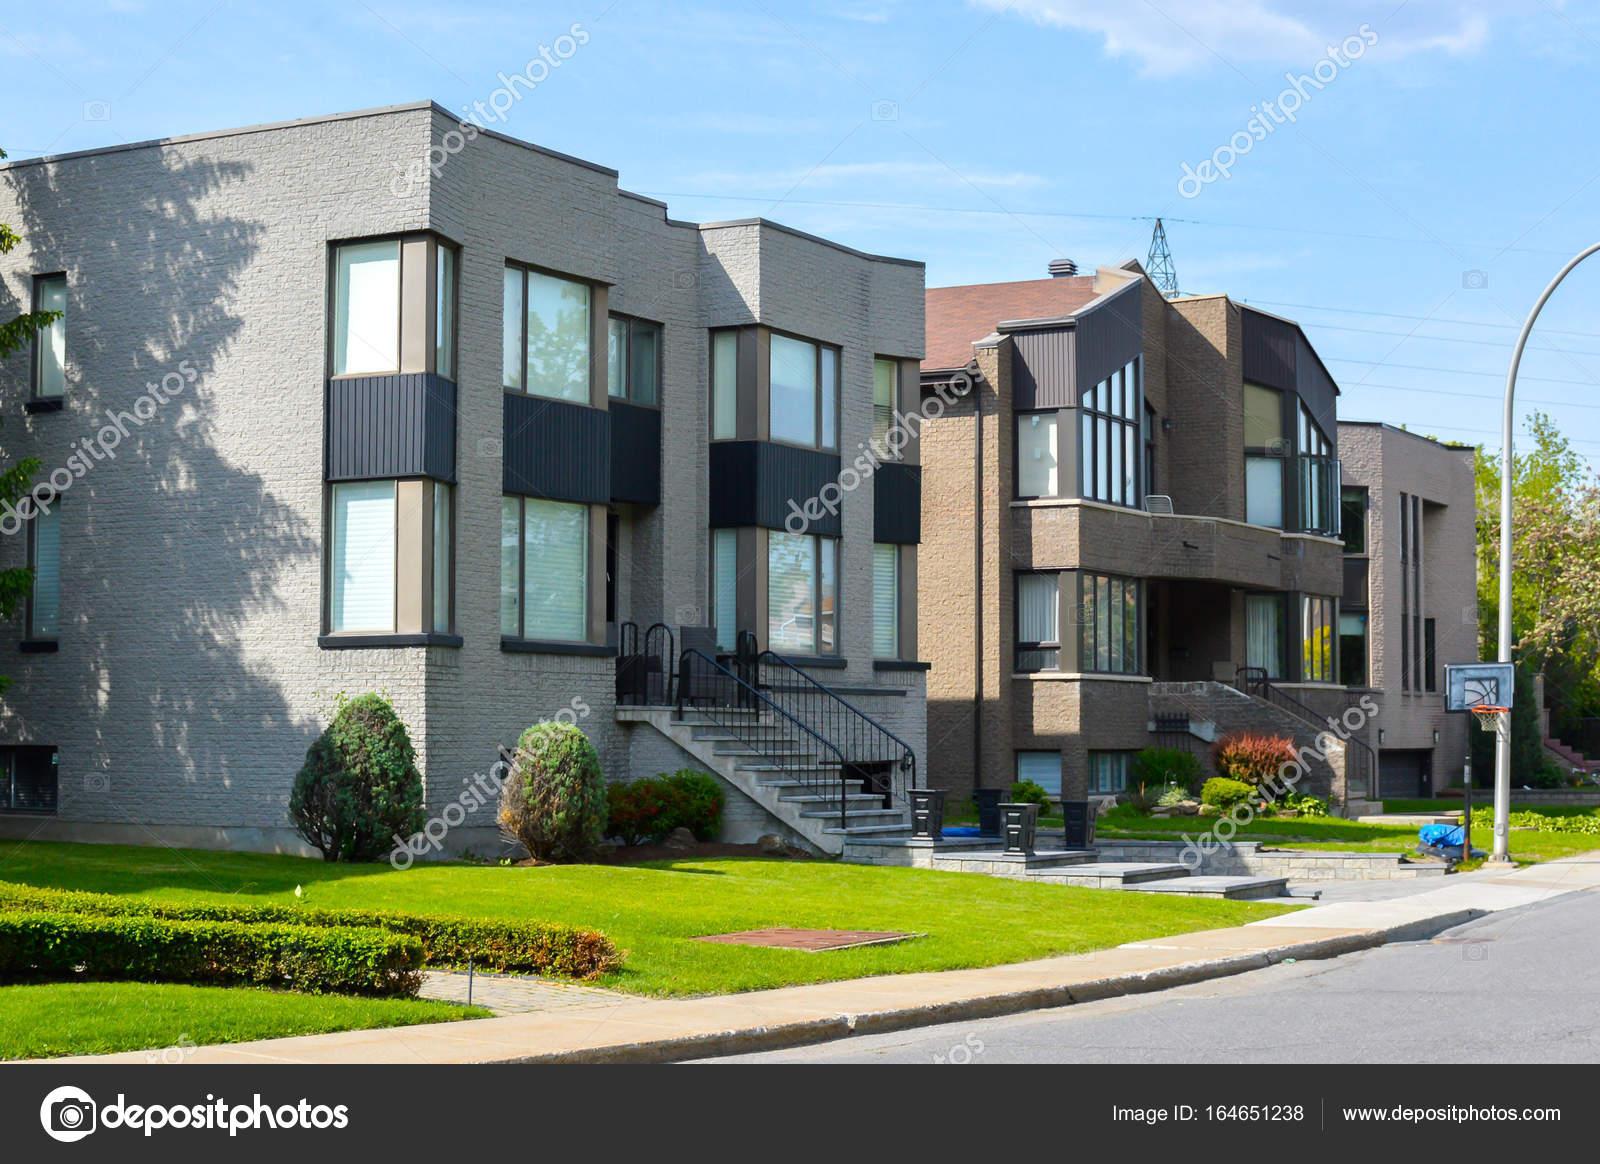 Cher Maison Moderne Avec Grandes Fenêtres à Montréalu2013 Images De Stock  Libres De Droits